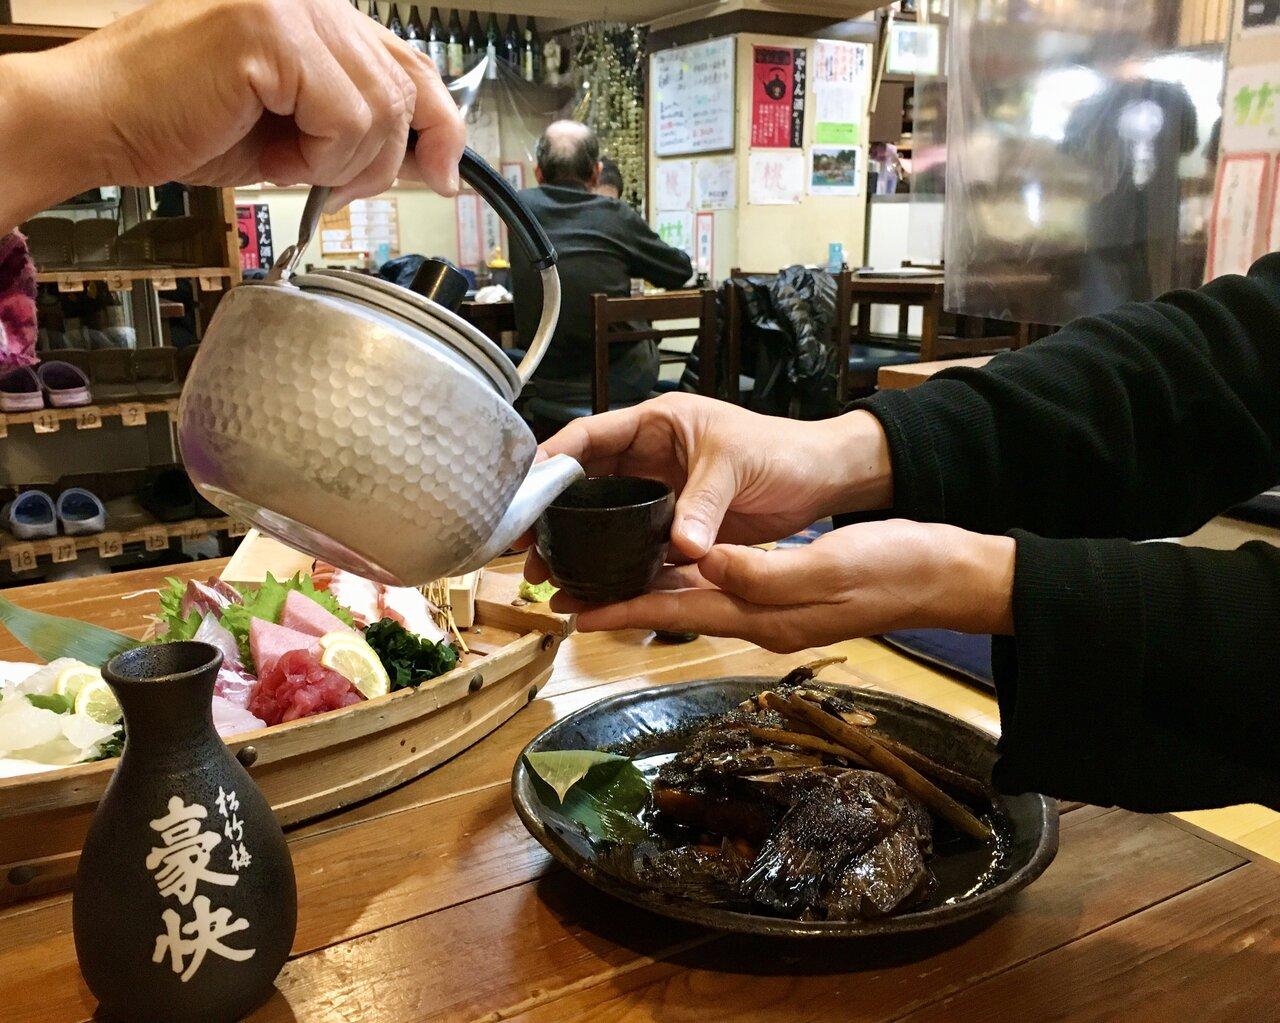 「お酒とは、身体も心も和ませてくれるもの」…京都のサラリーマン街にある、やかん酒が名物の居酒屋店主の噺